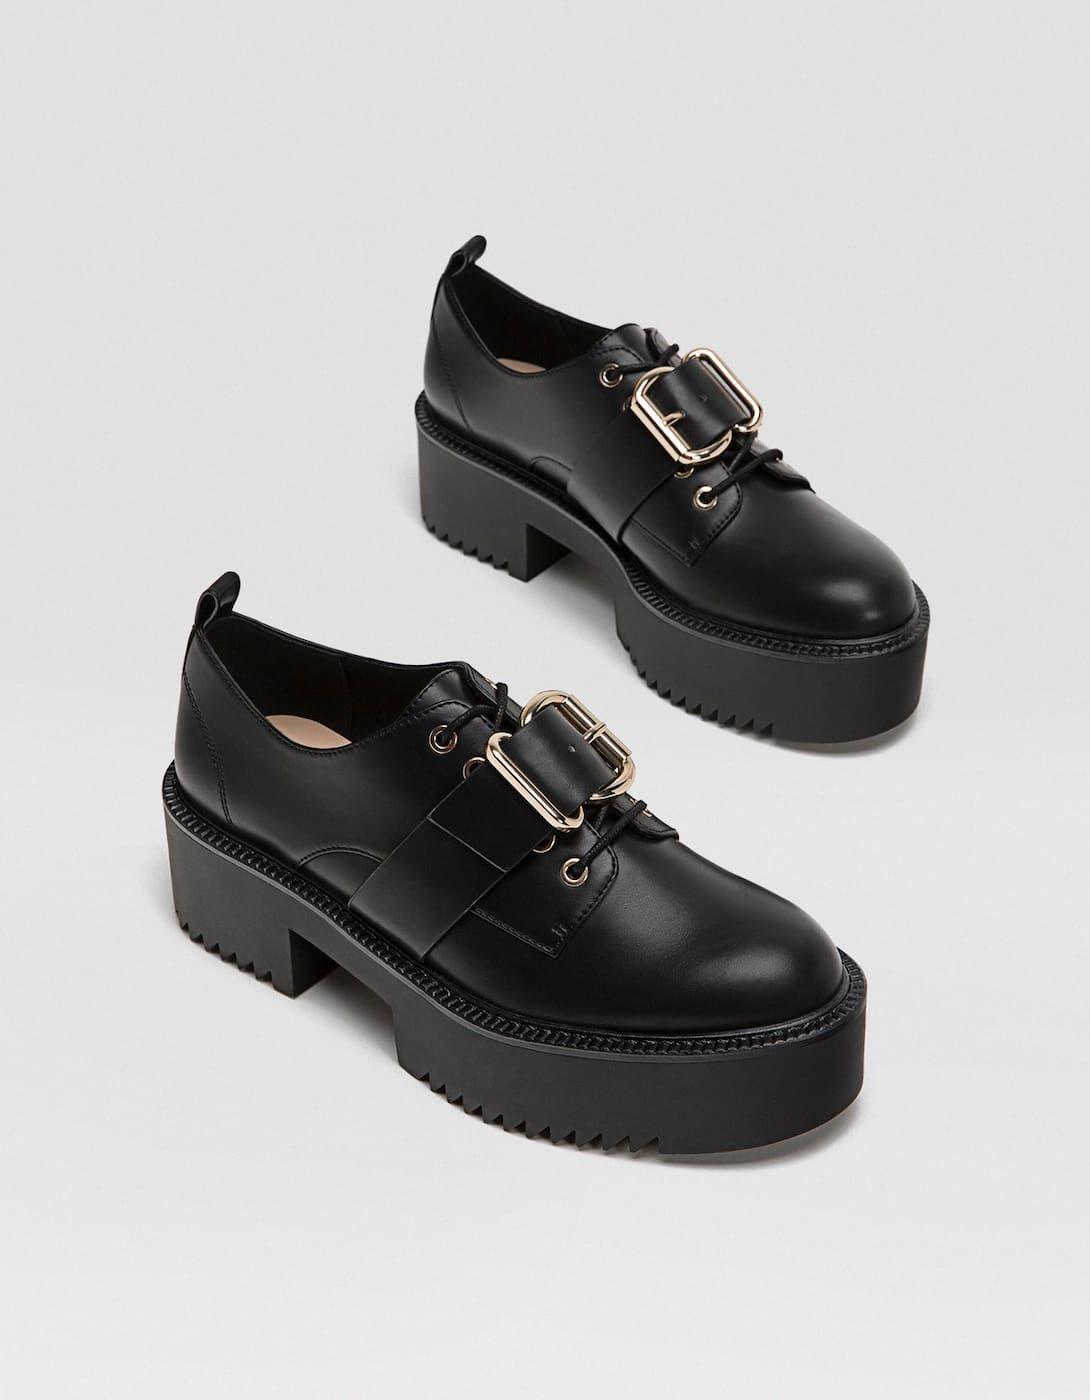 1a96df8322 Zapato blucher hebilla negro - Todos de mujer